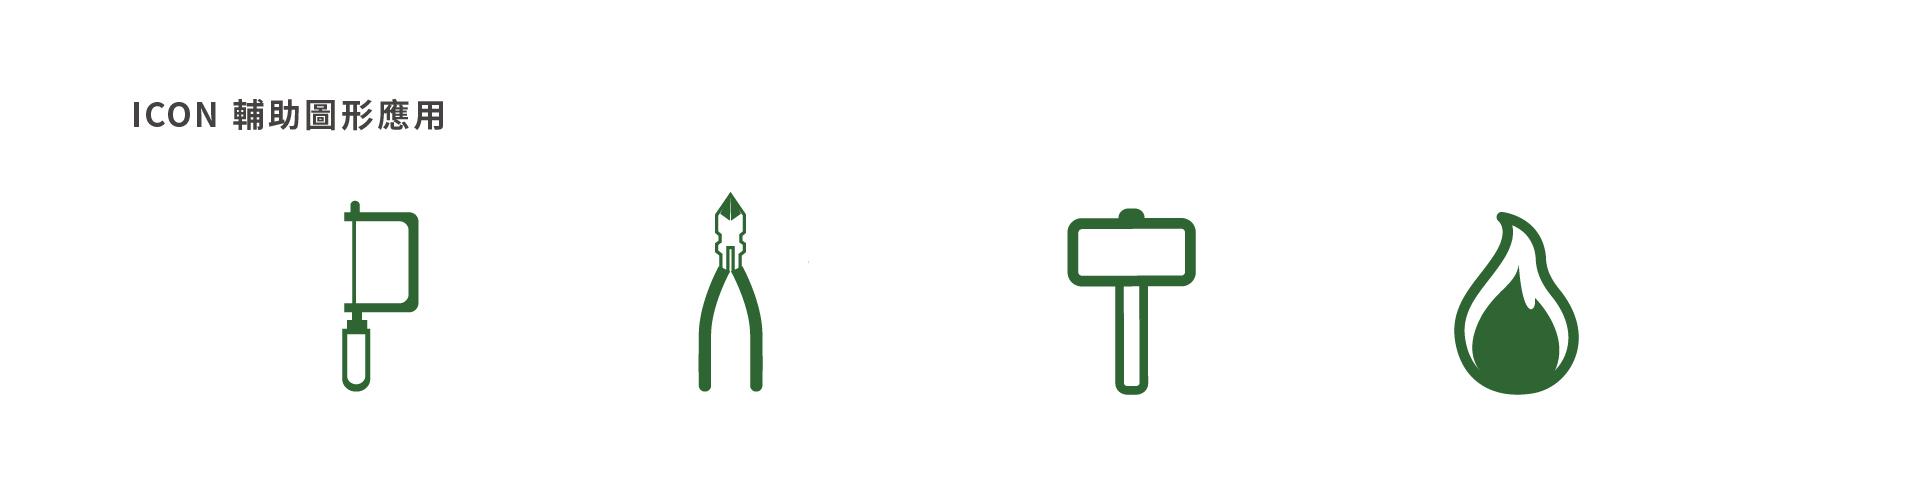 三藝金工 ICON輔助圖形應用   甘樂文創   甘之如飴,樂在其中